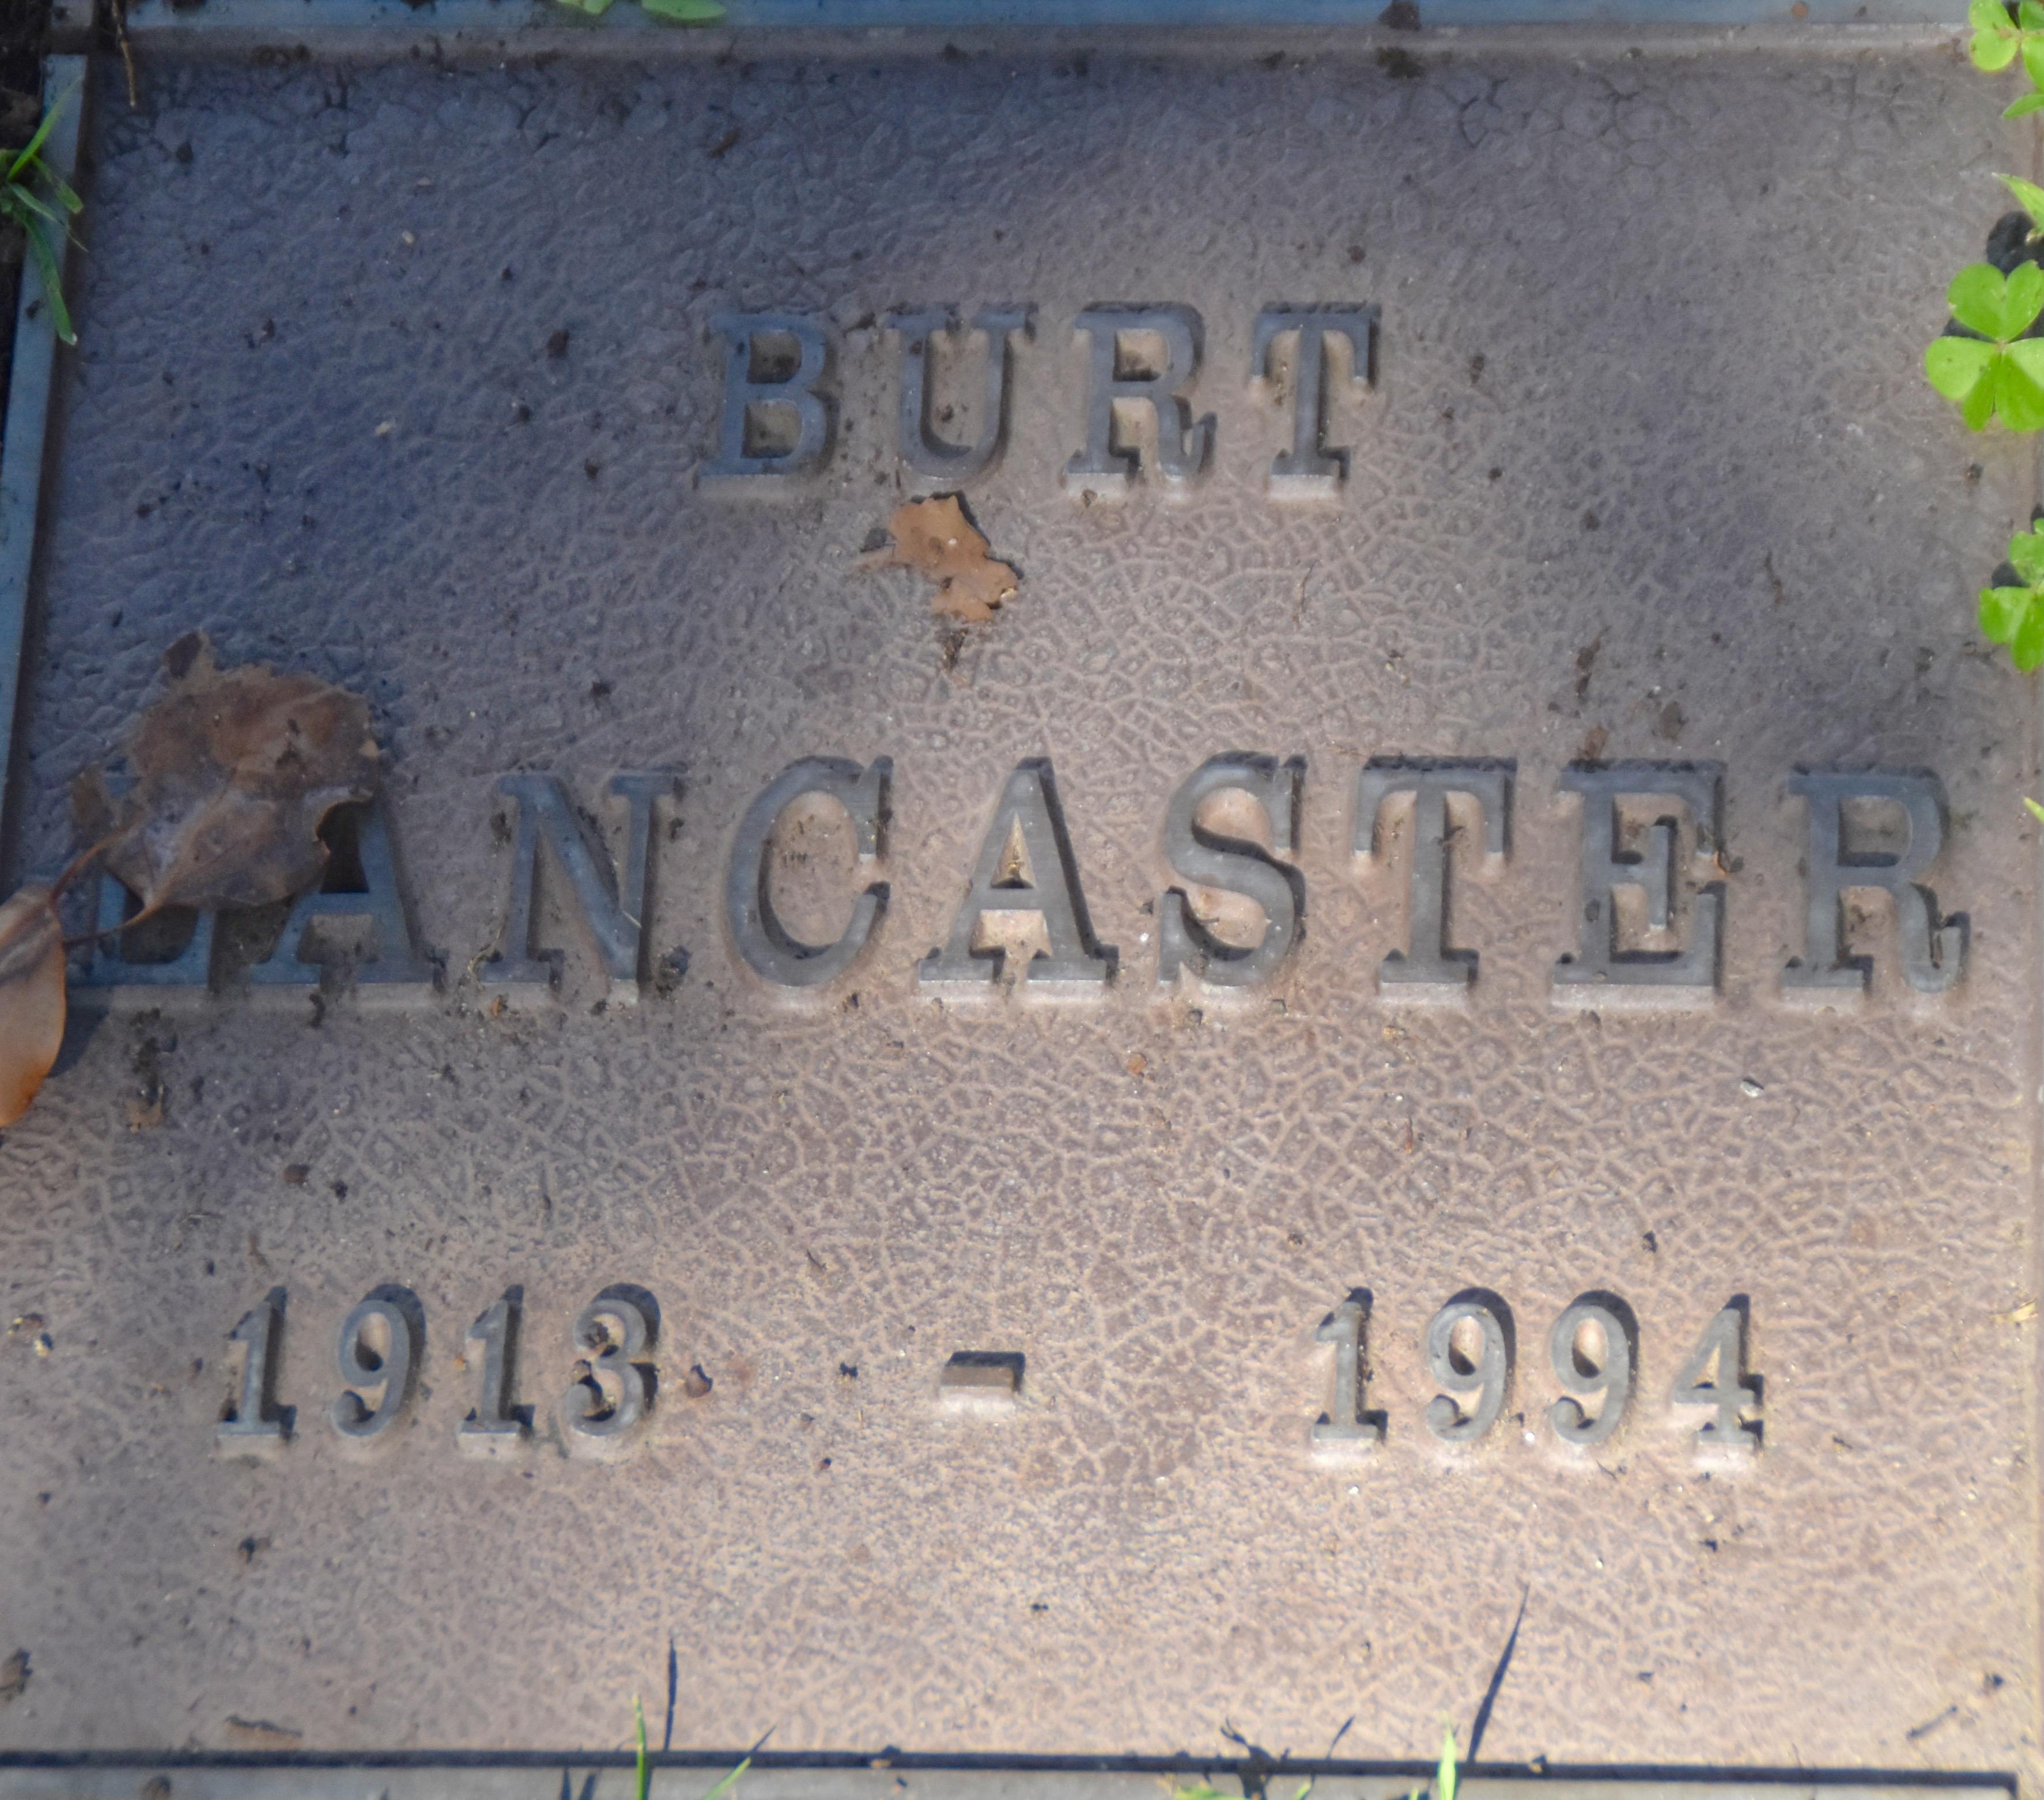 Burt Lancaster, Westwood Village Cemetery